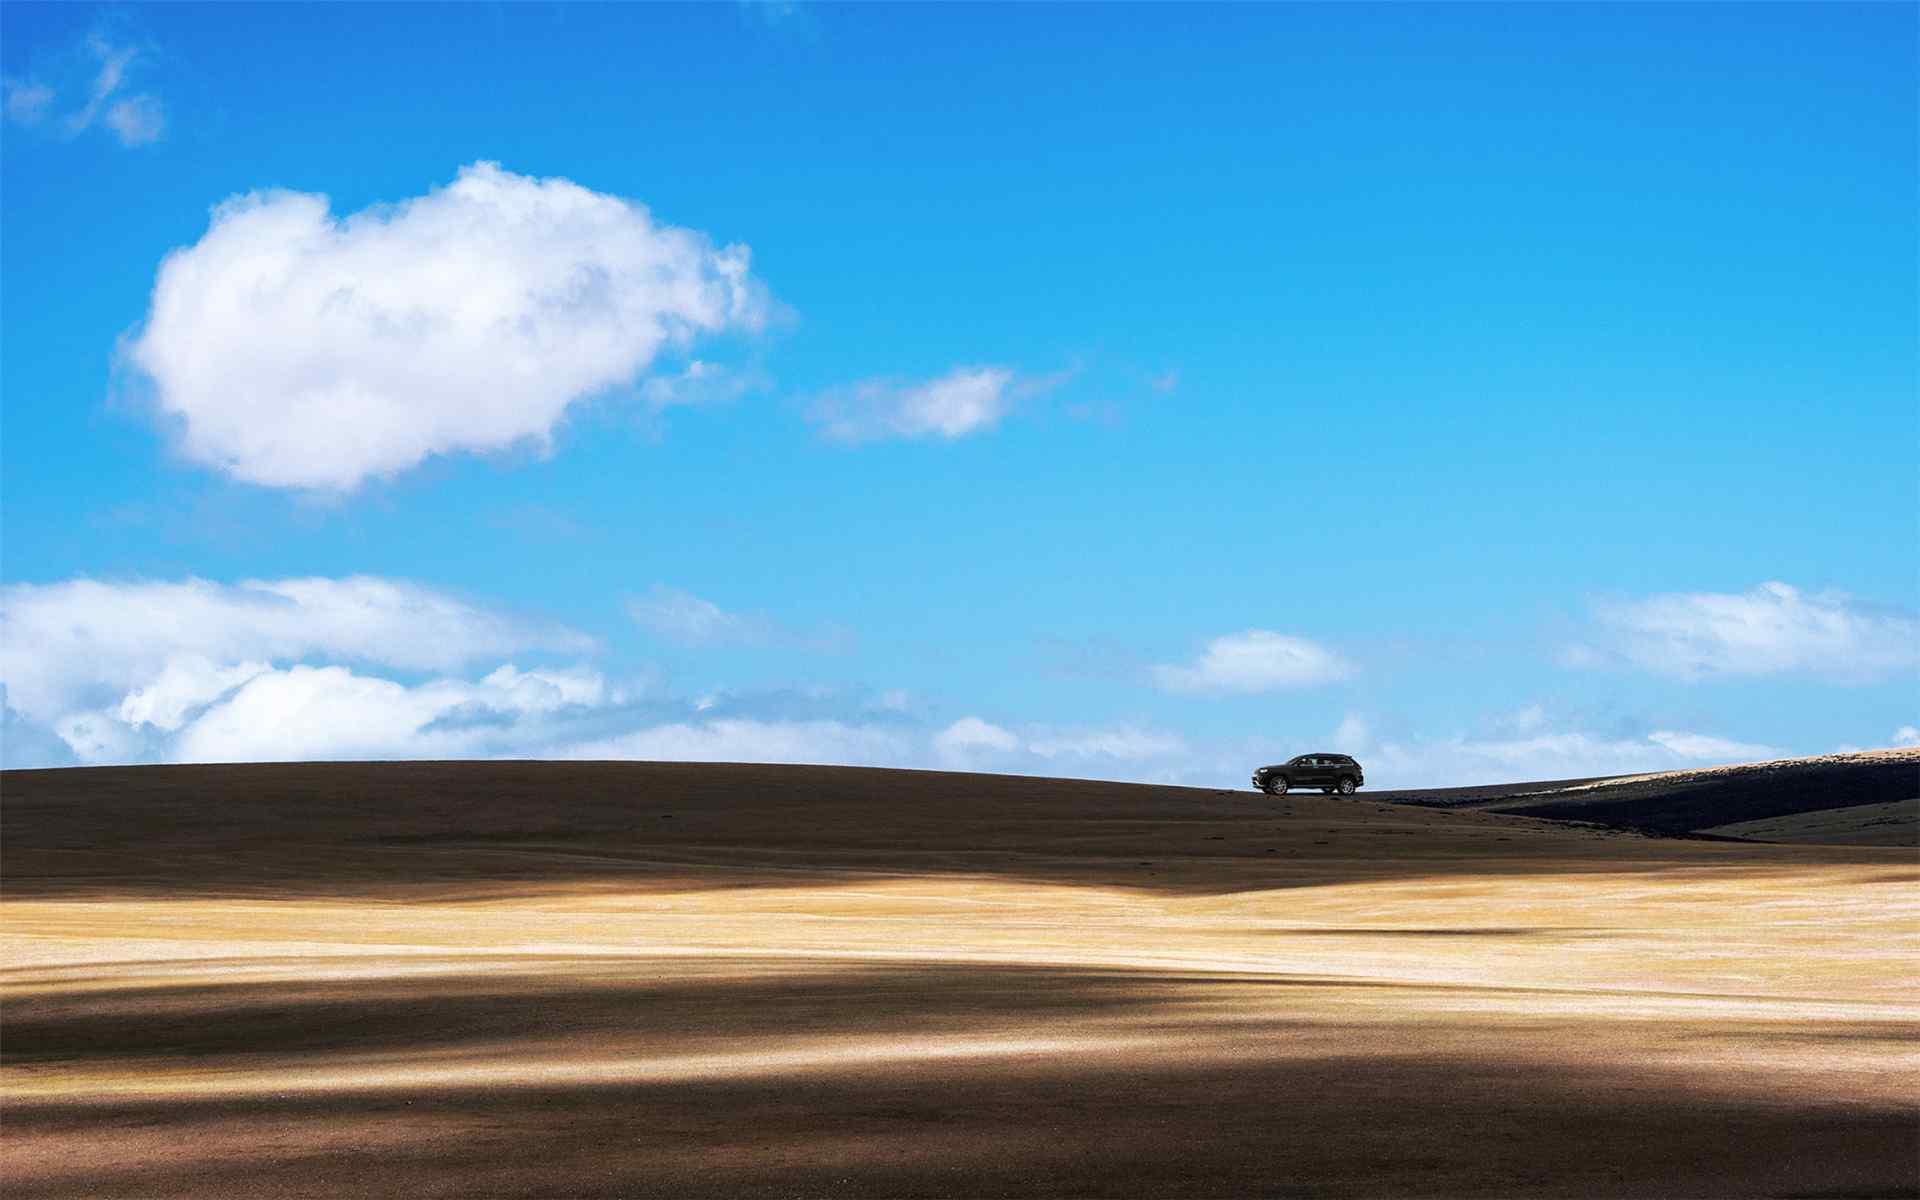 蓝天白云沙漠旅行桌面壁纸